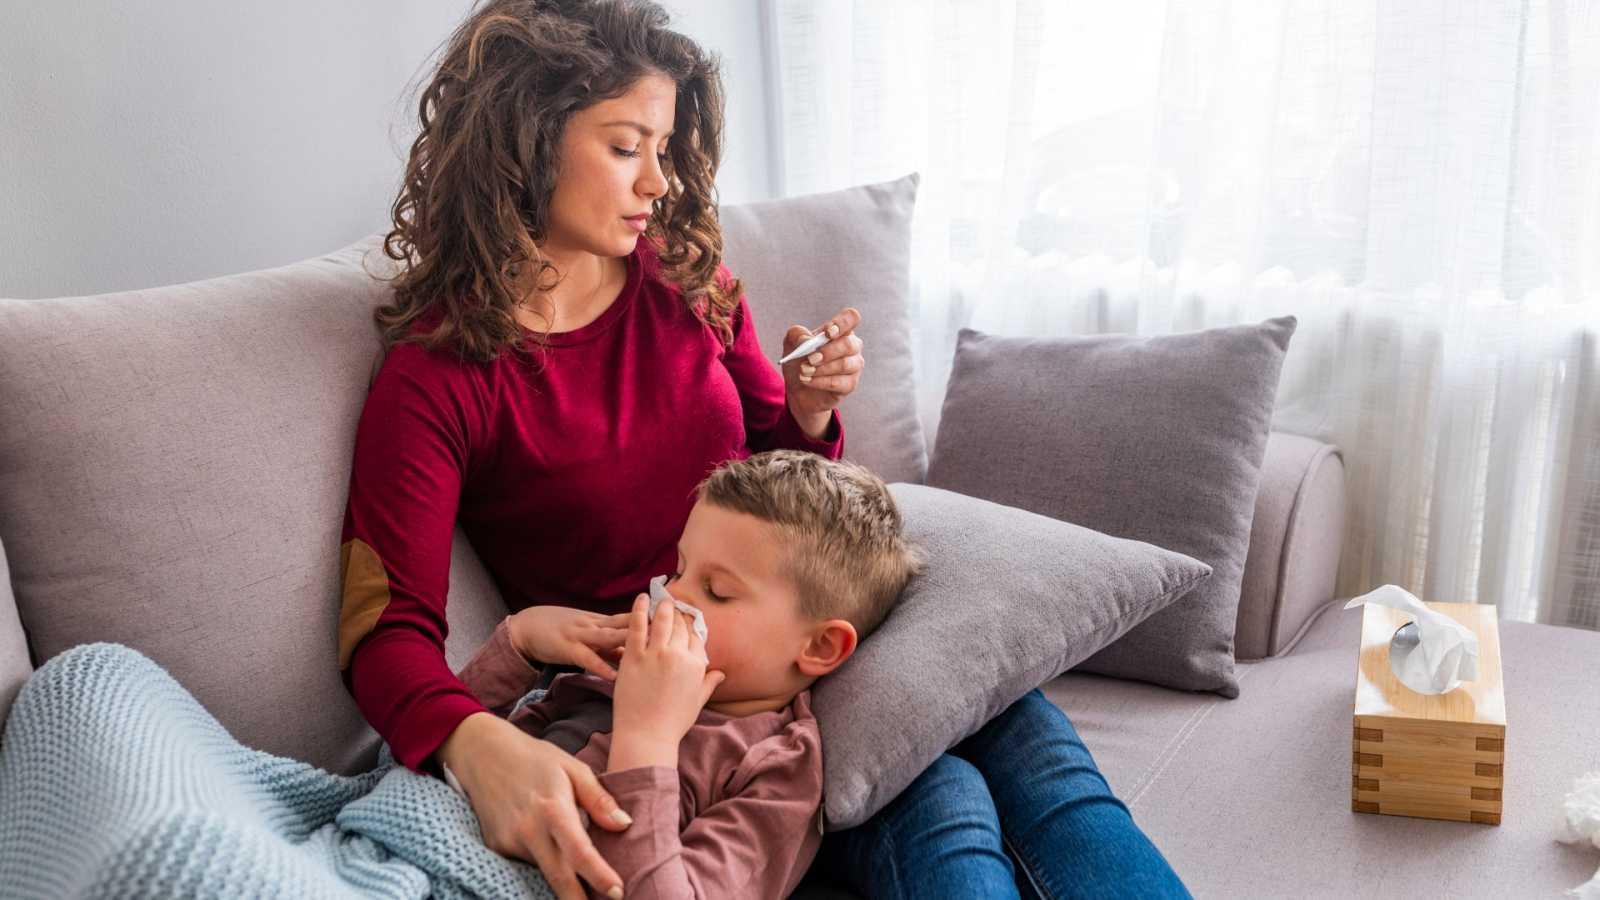 Una madre cuida de su hijo y le toma la temperatura